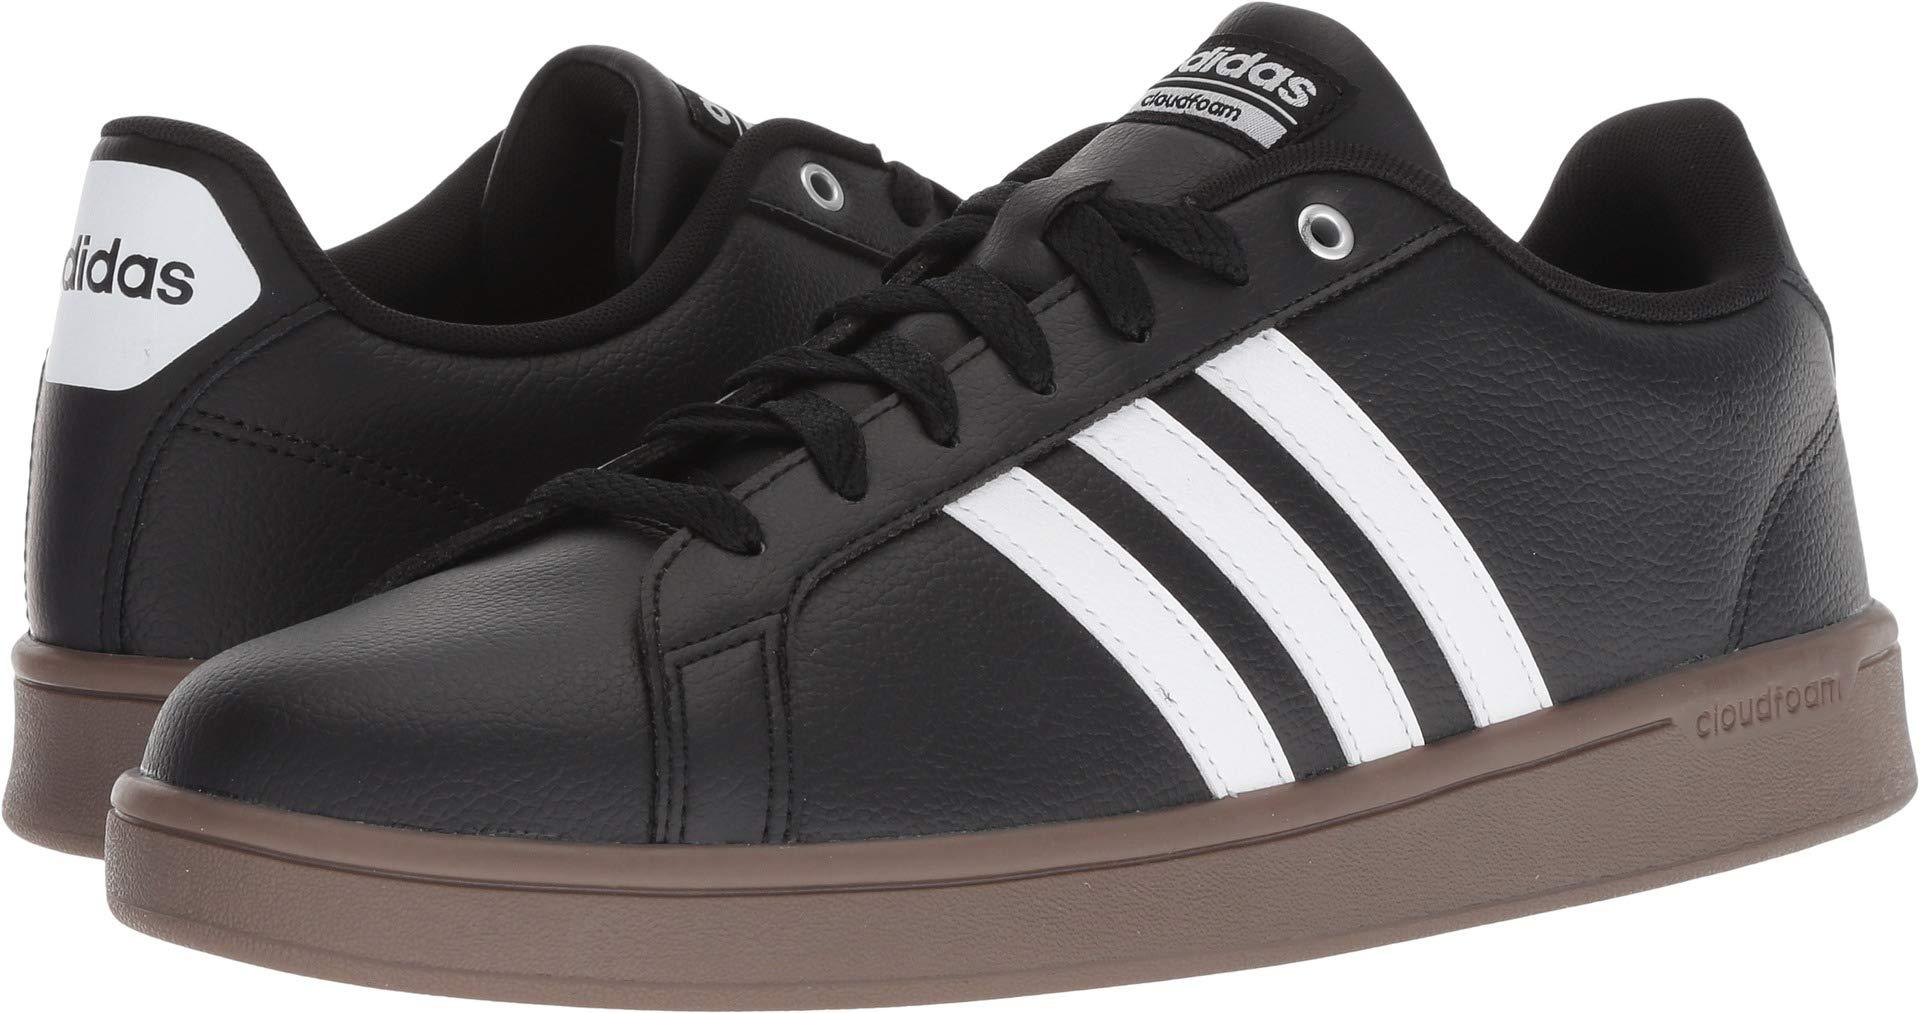 adidas  Men's Cloudfoam Advantage Core Black/Footwear White/Gum 14 D US